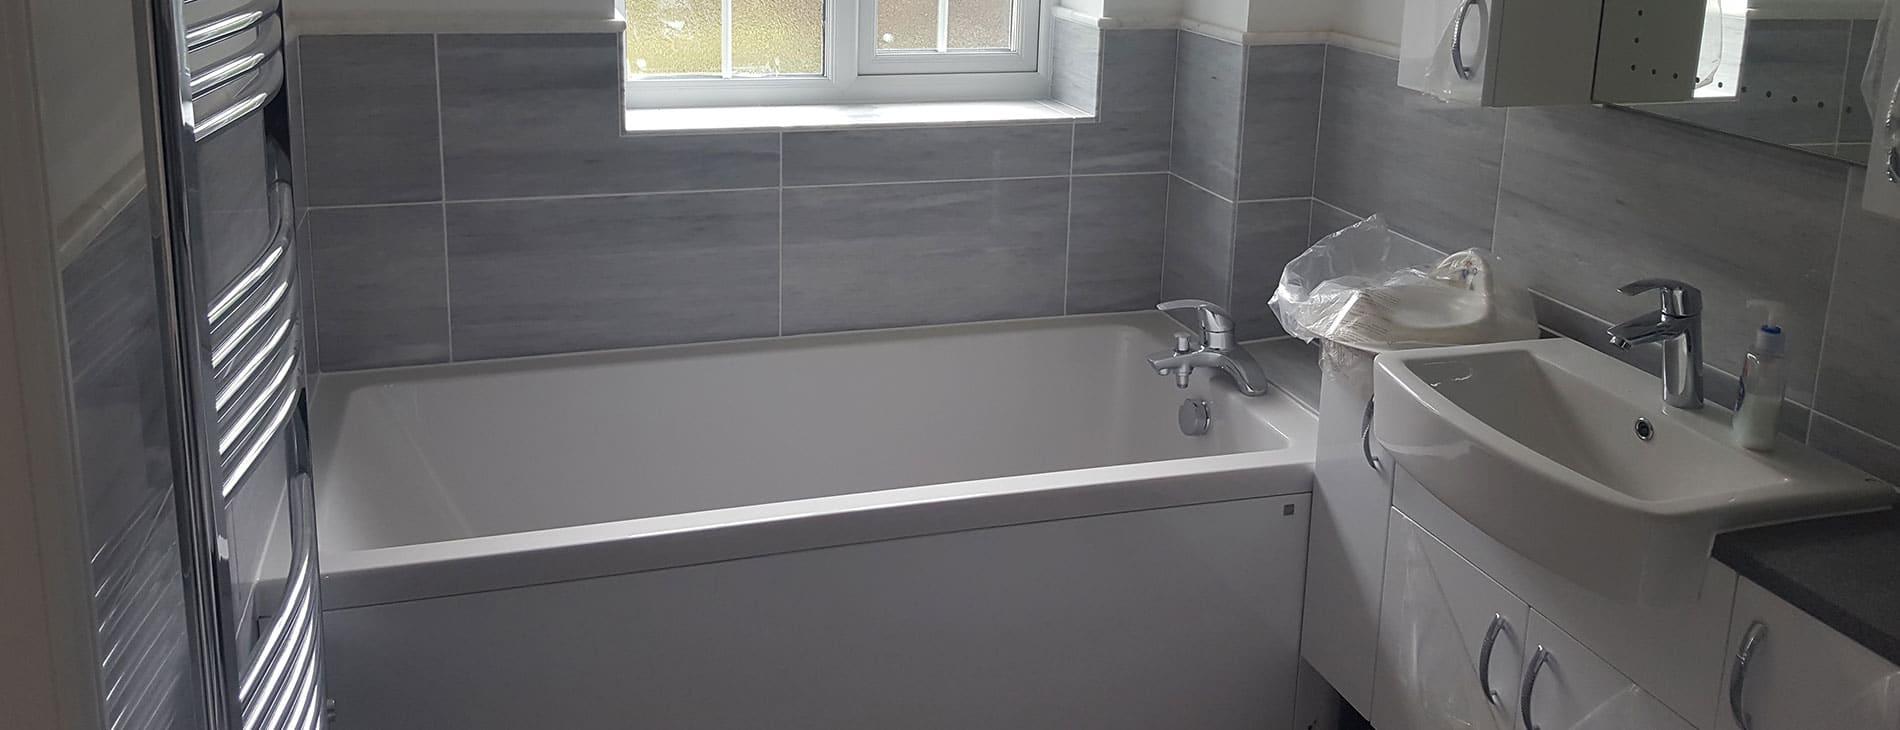 Bathroom Installations, Emergency Repairs and General Plumbing